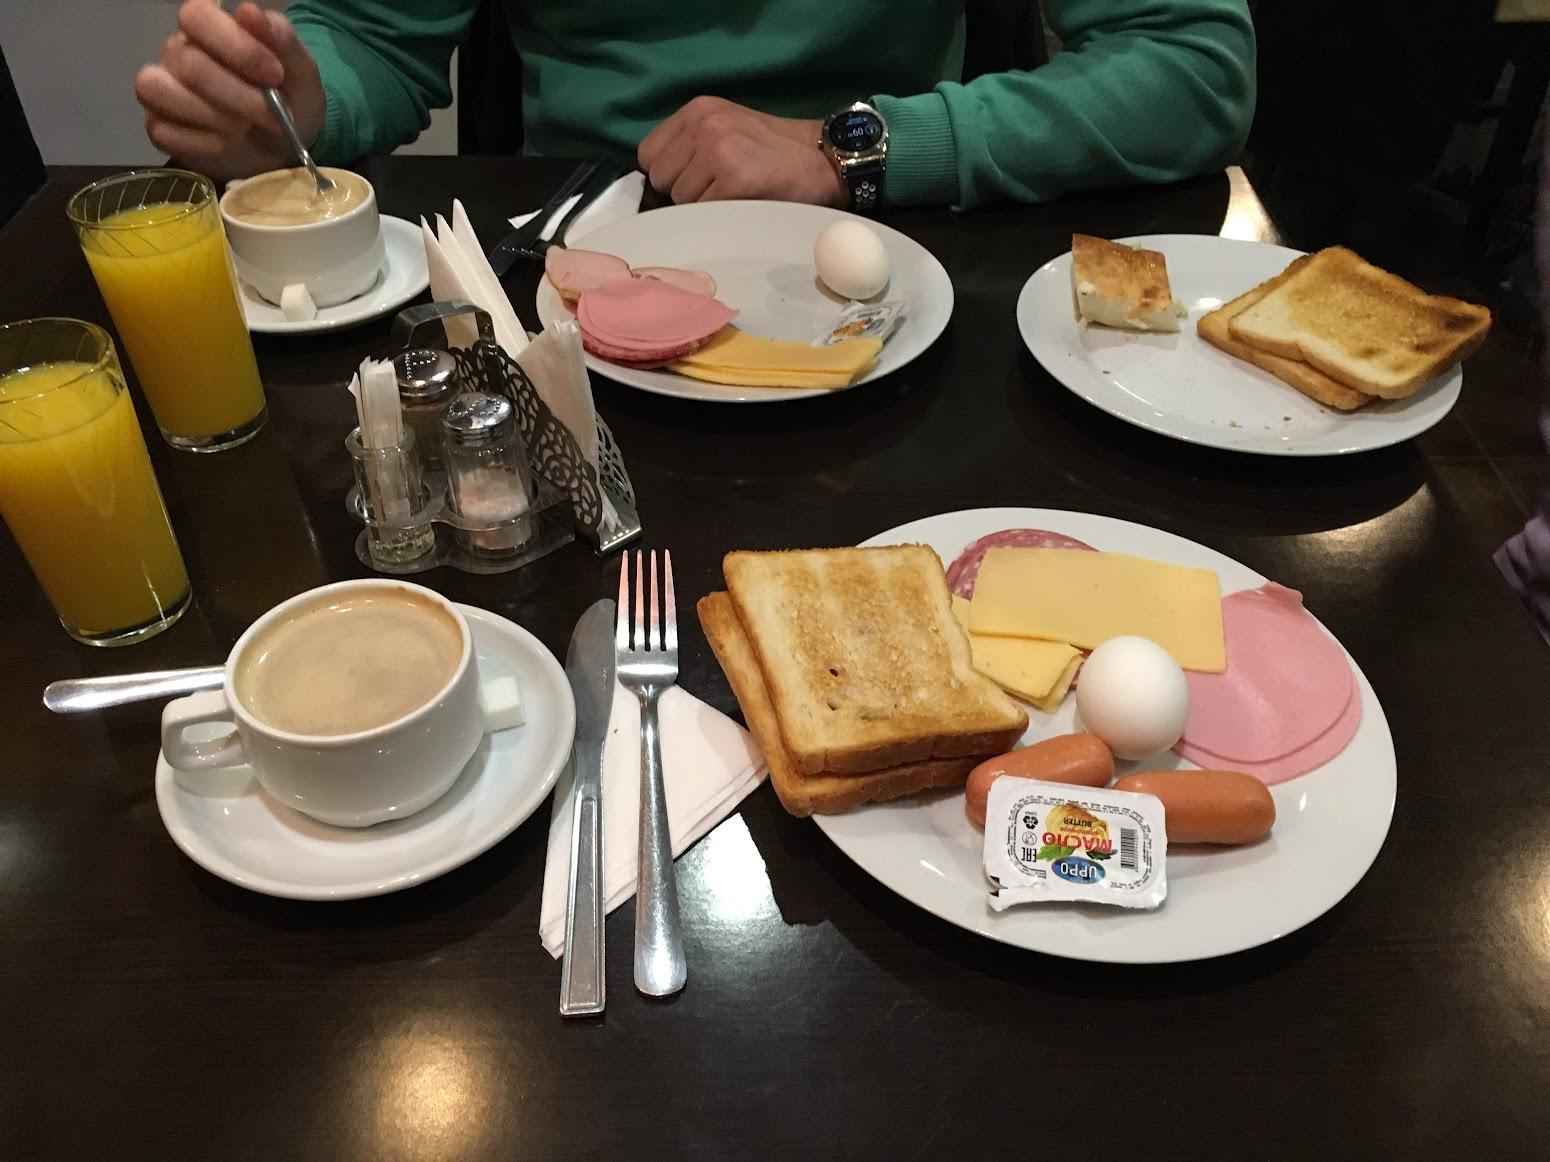 Desayuno en el hotel.